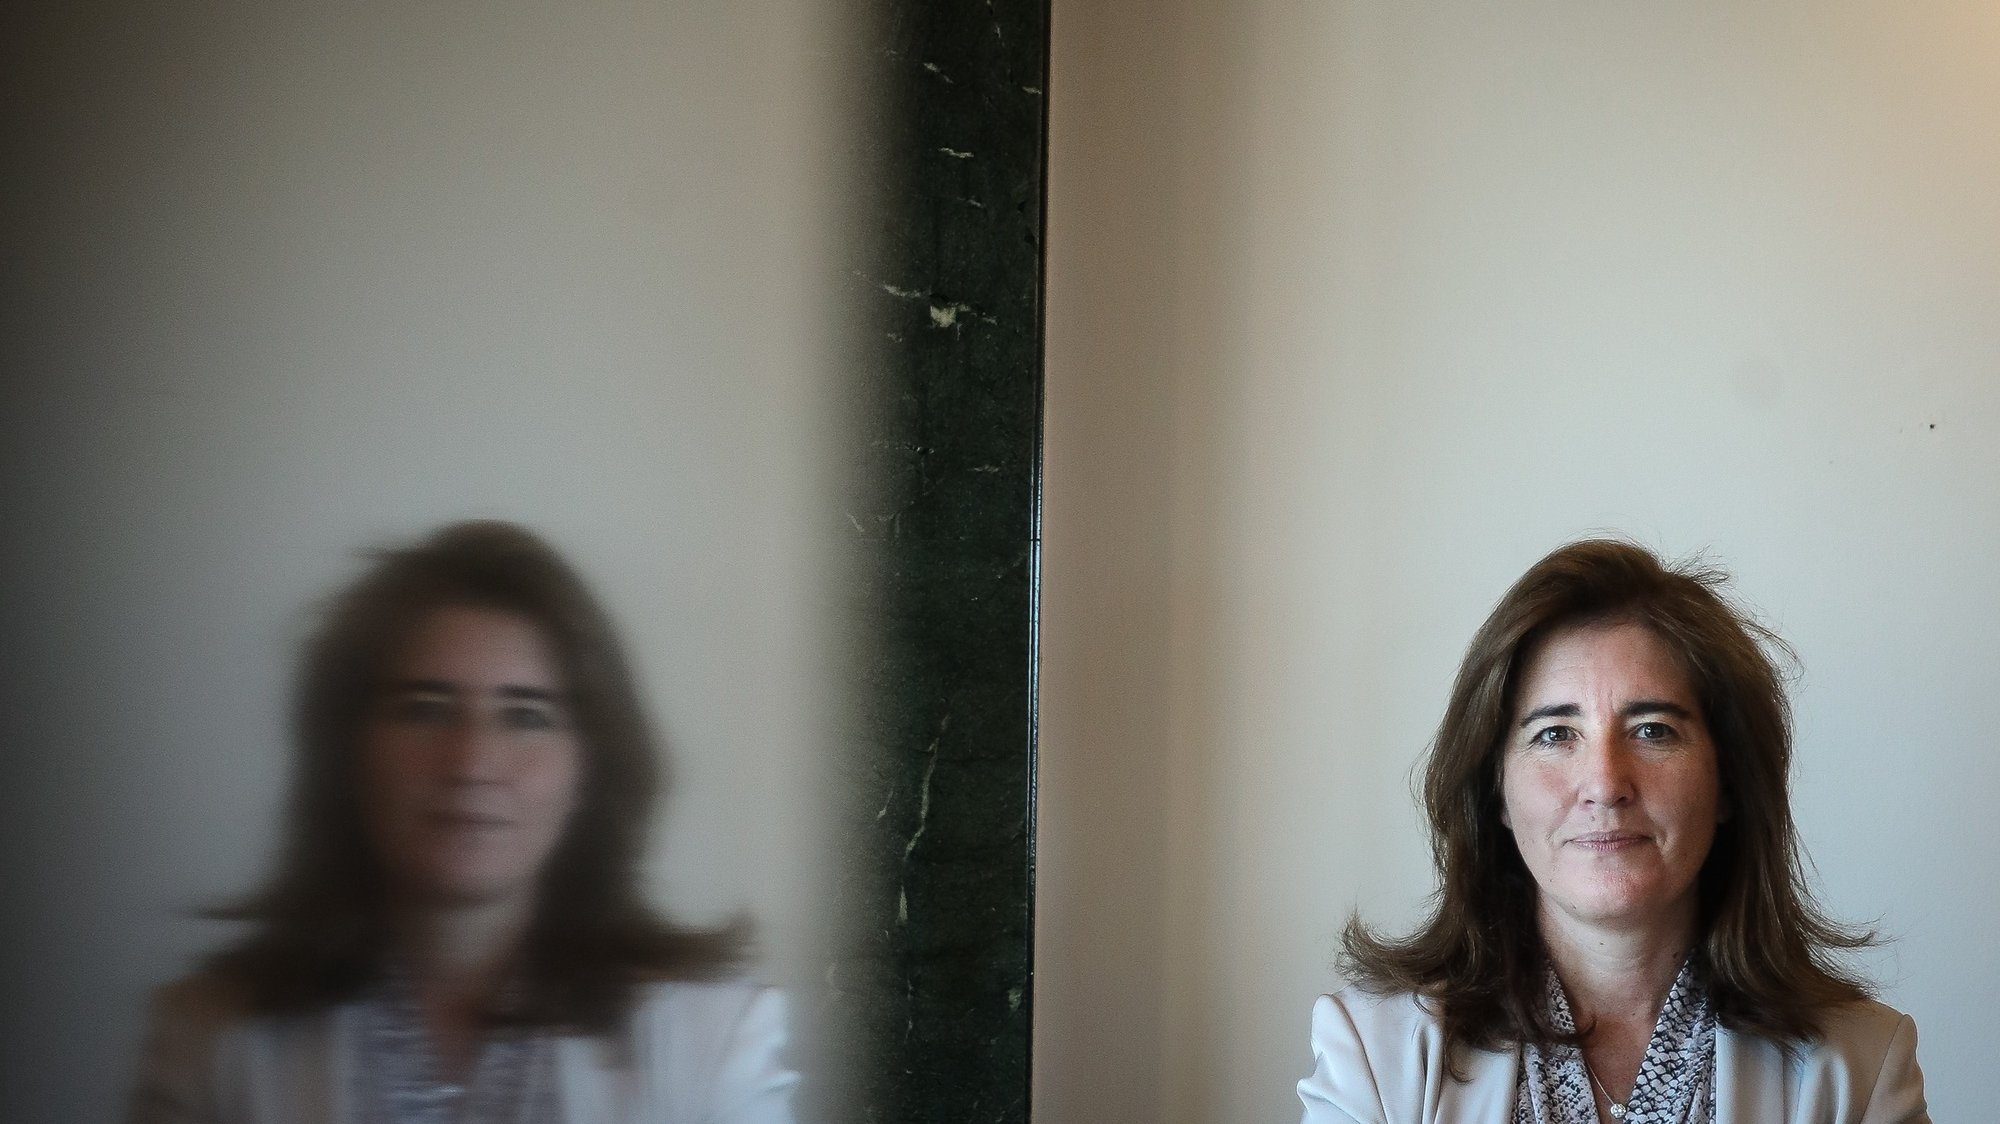 A ministra do Trabalho, Solidariedade e Segurança Social, Ana Mendes Godinho, posa para a fotografia durante uma entrevista à agência Lusa, em Lisboa, 02 de julho de 2021. (ACOMPANHA TEXTO DA LUSA DO DIA 04 DE JULHO DE 2021). MÁRIO CRUZ/LUSA